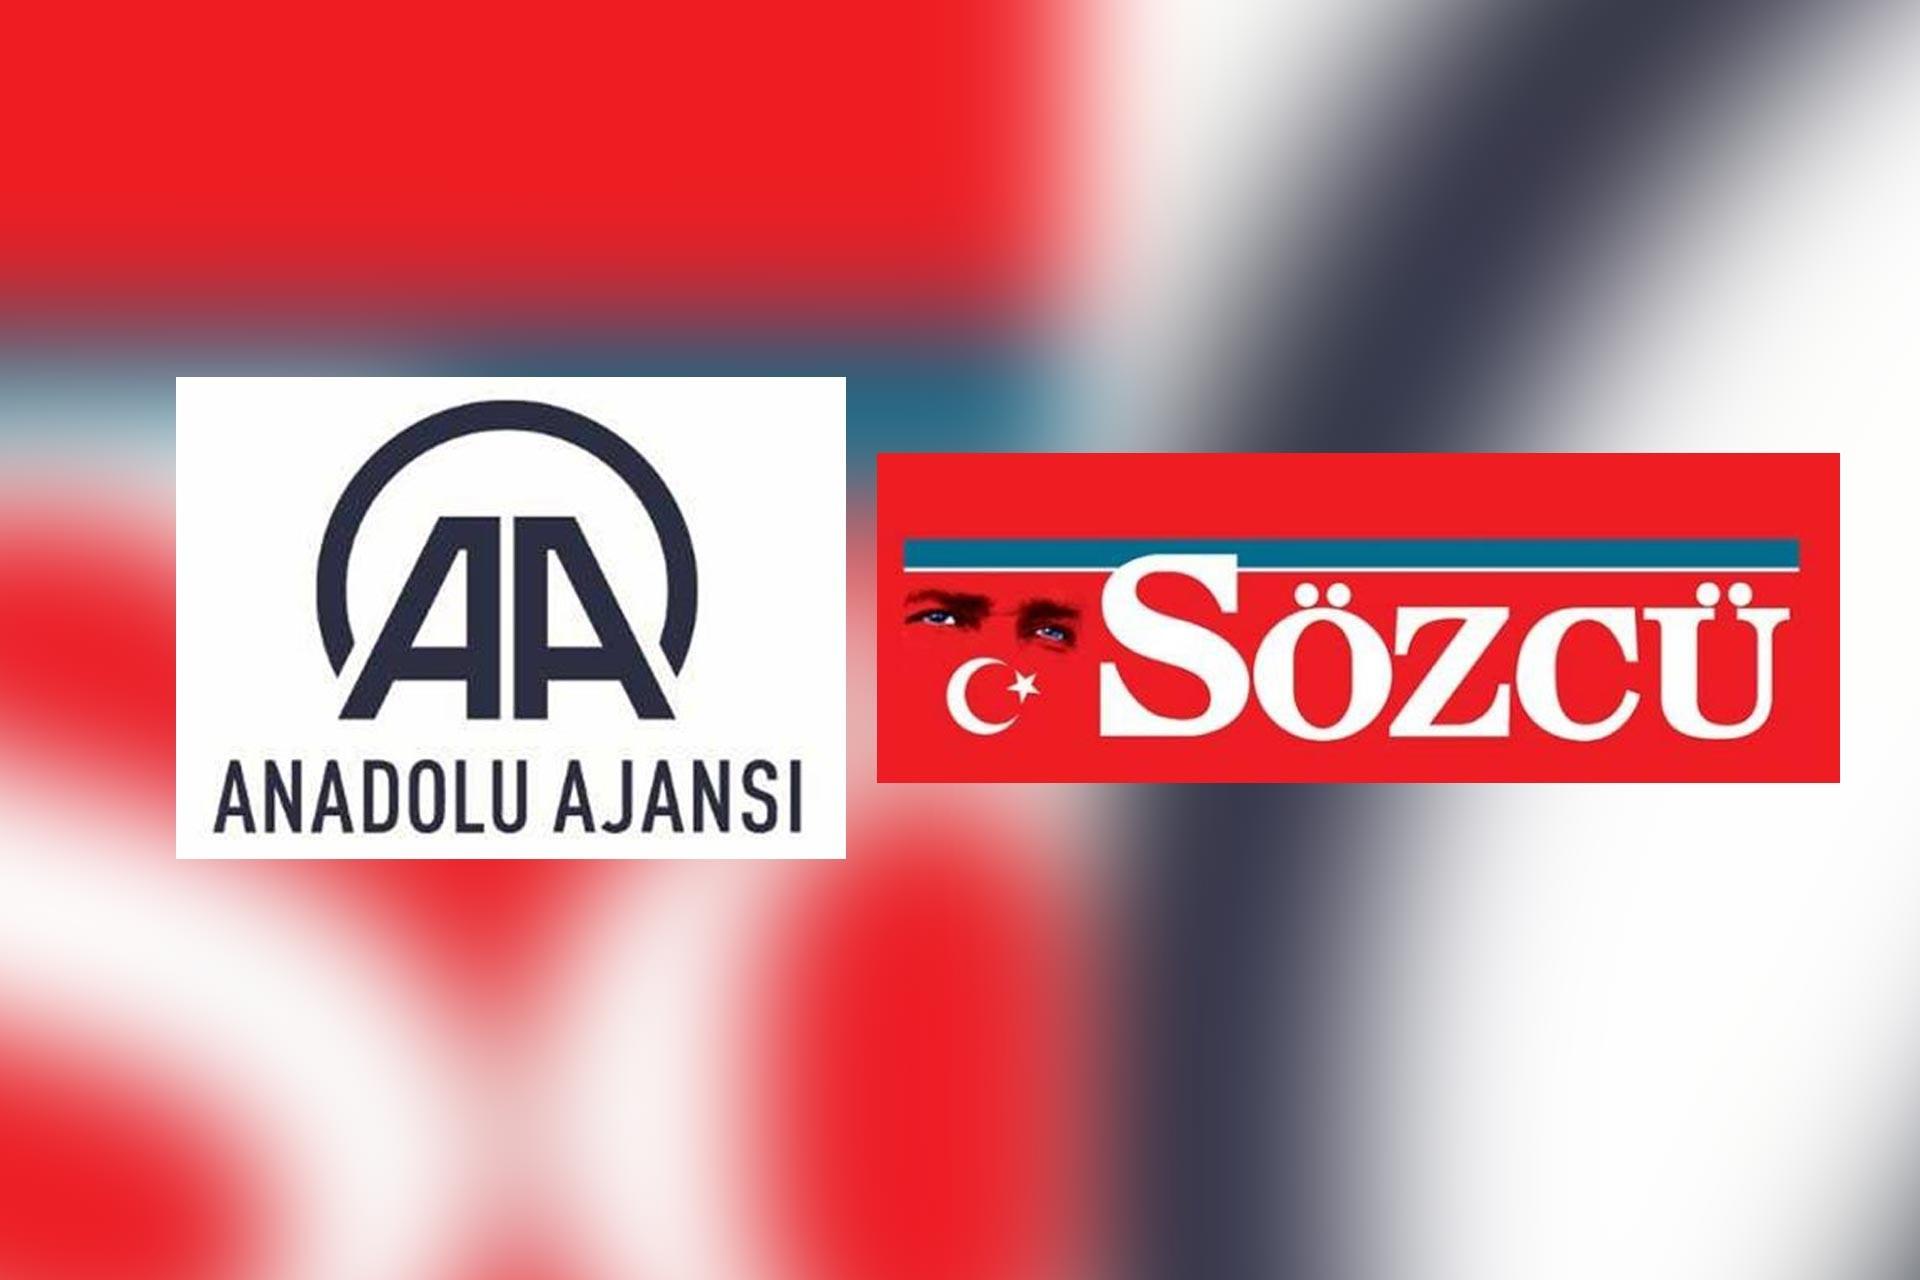 Anadolu Ajansı ve Sözcü gazetesi logoları